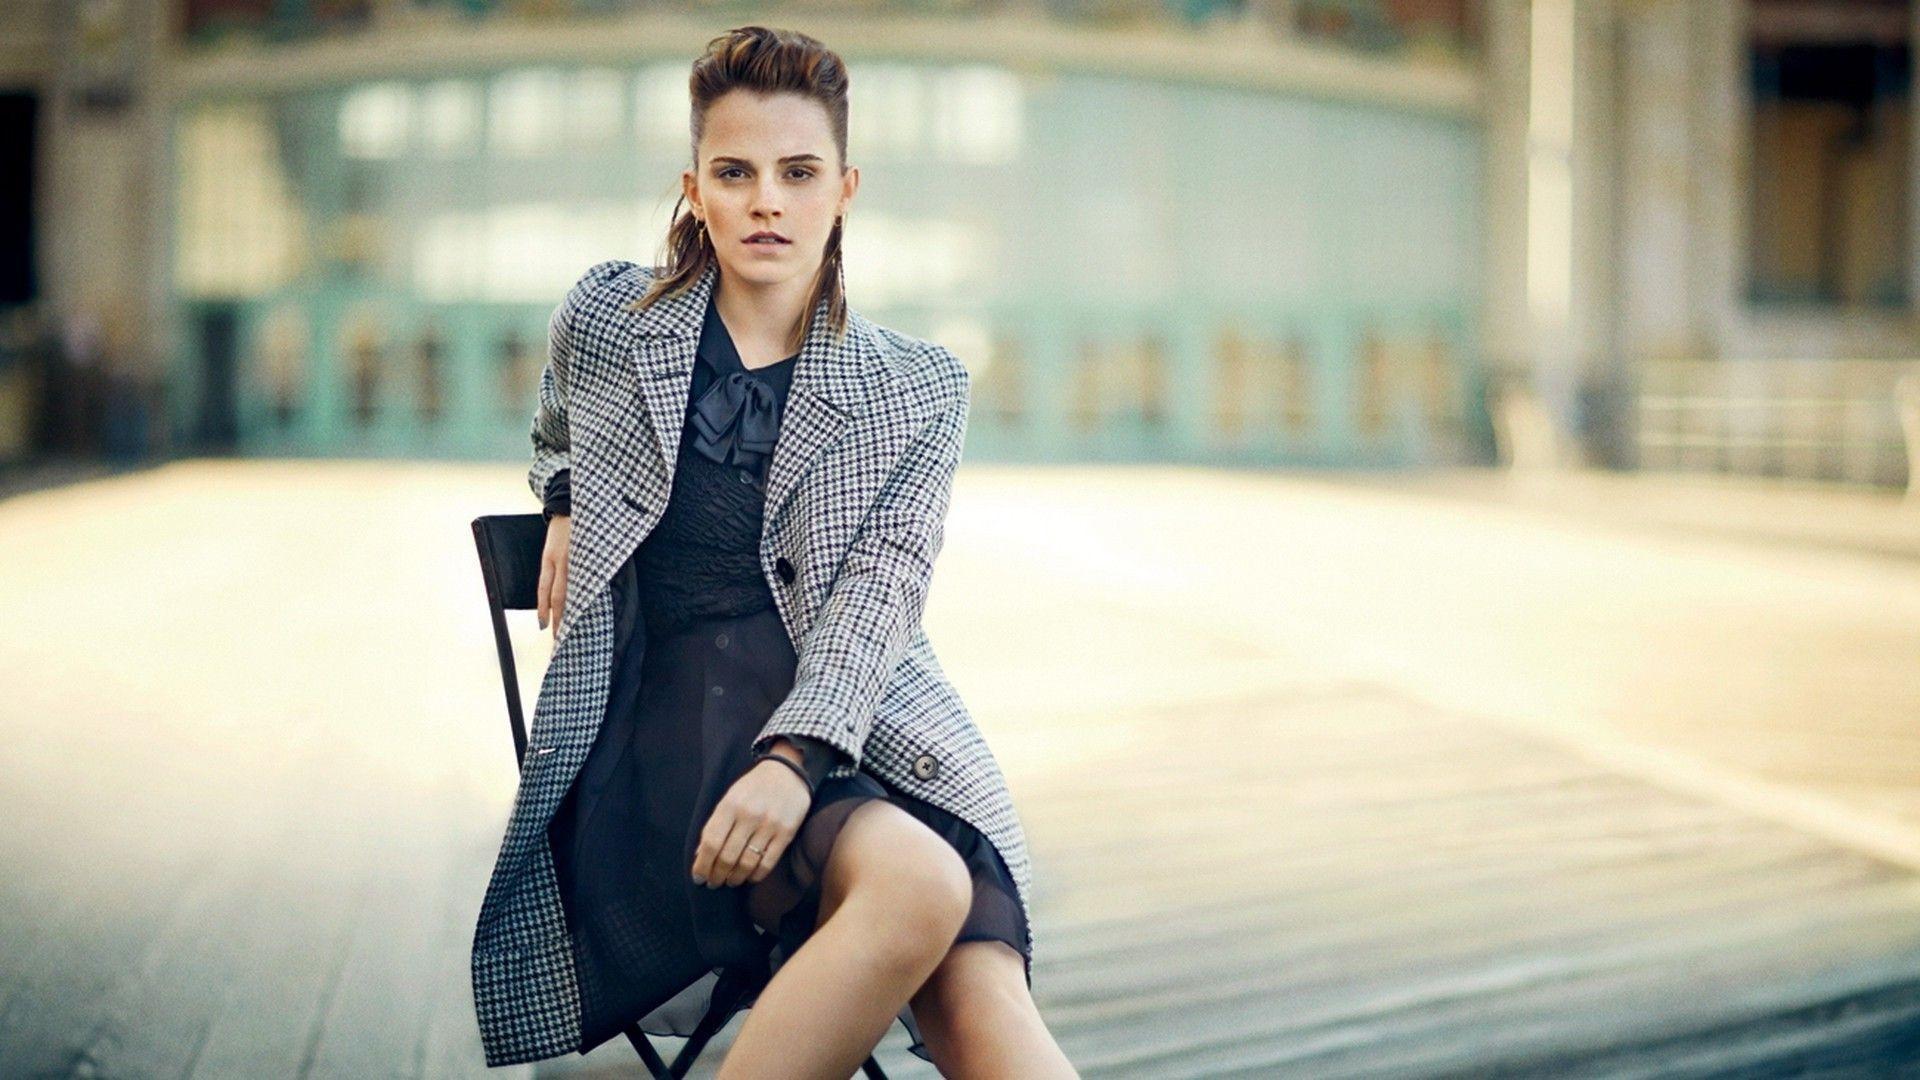 hollywood actress Emma Watson hd wallpapers. Home > Hollywood Actress > Emma  Watson. Download